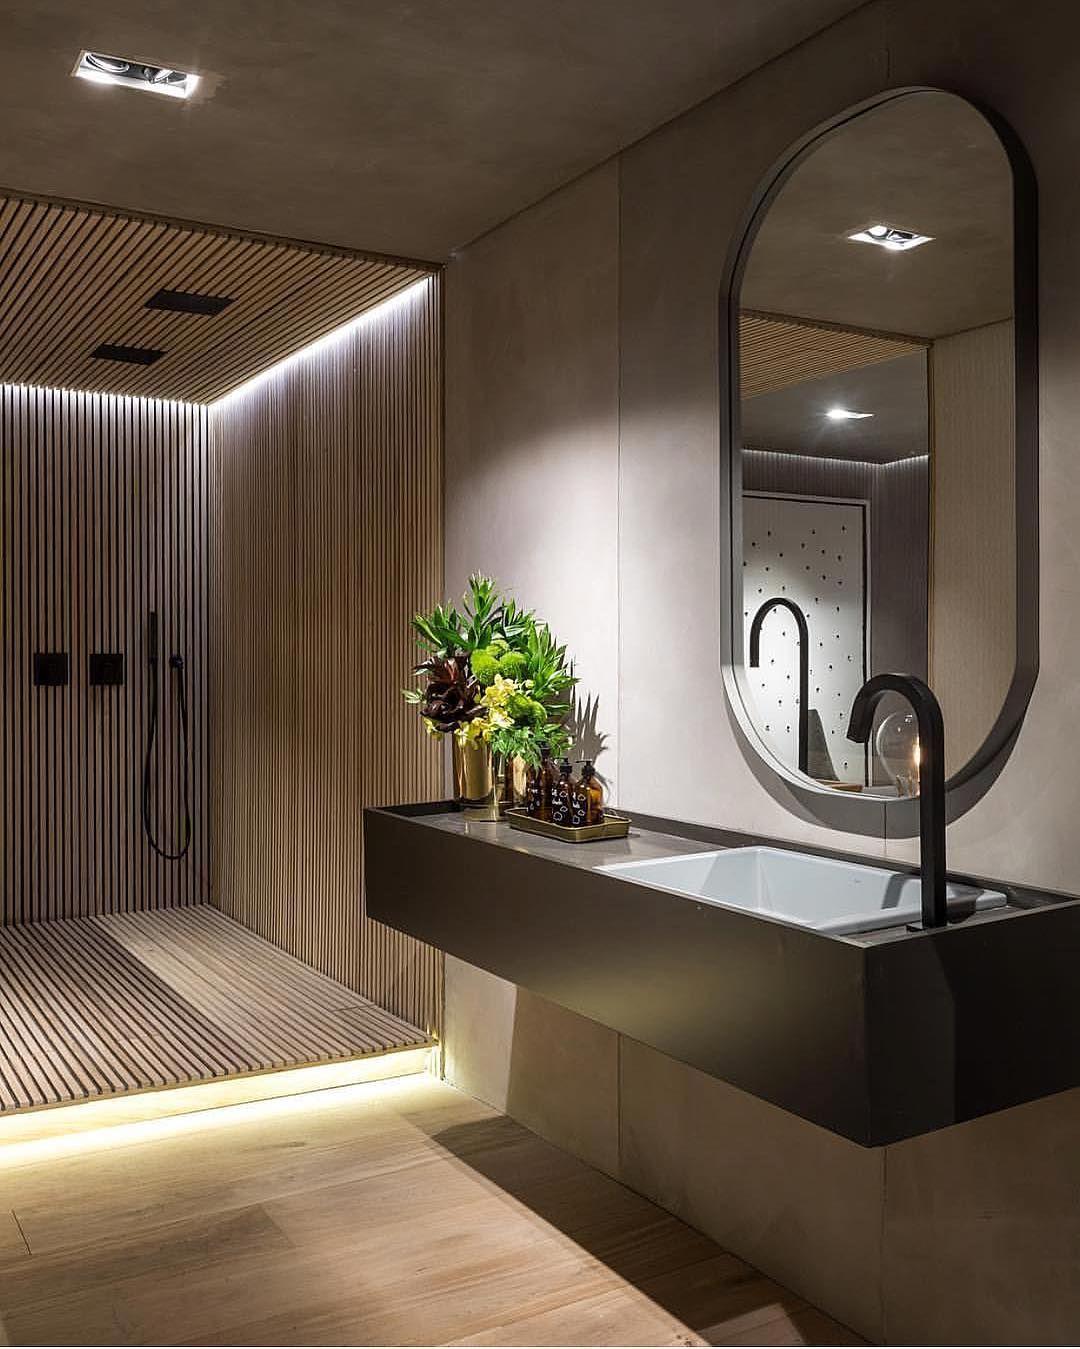 inspiratie van elmi interieur en meubelontwerp interieur design